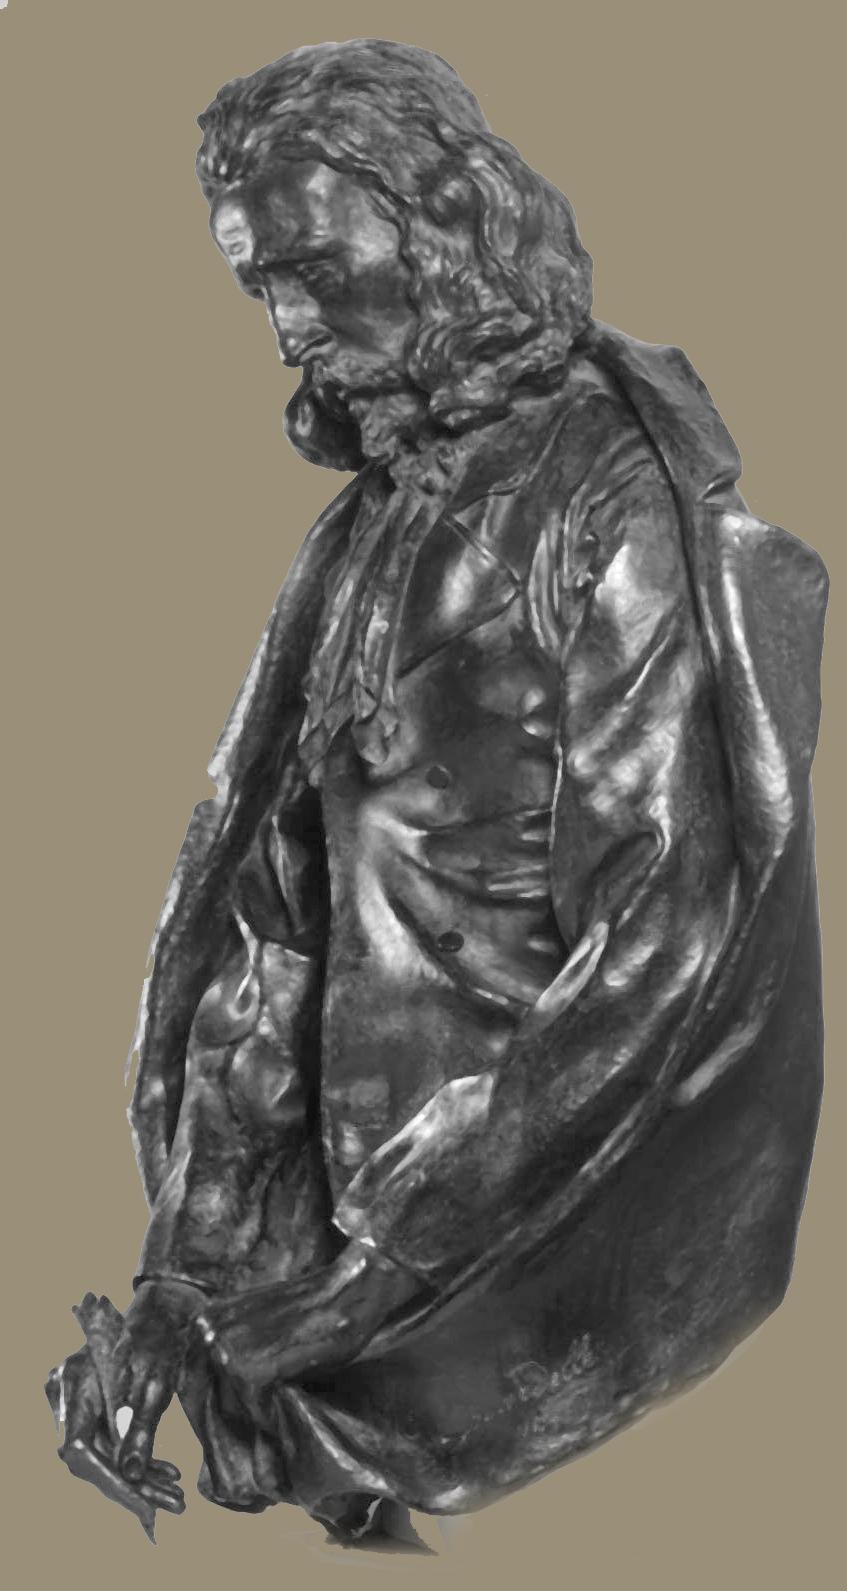 Léon Cladel